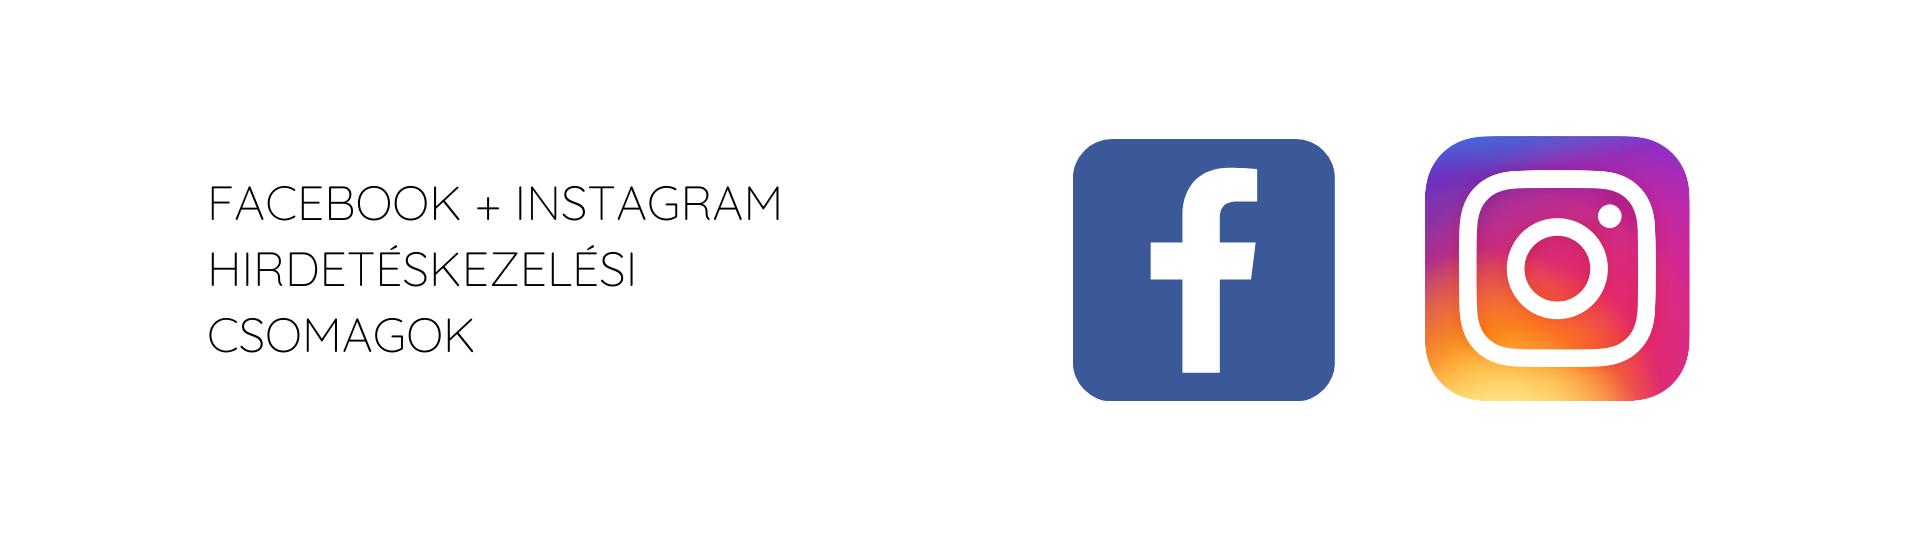 Facebook - Instagram hirdetéskezelés